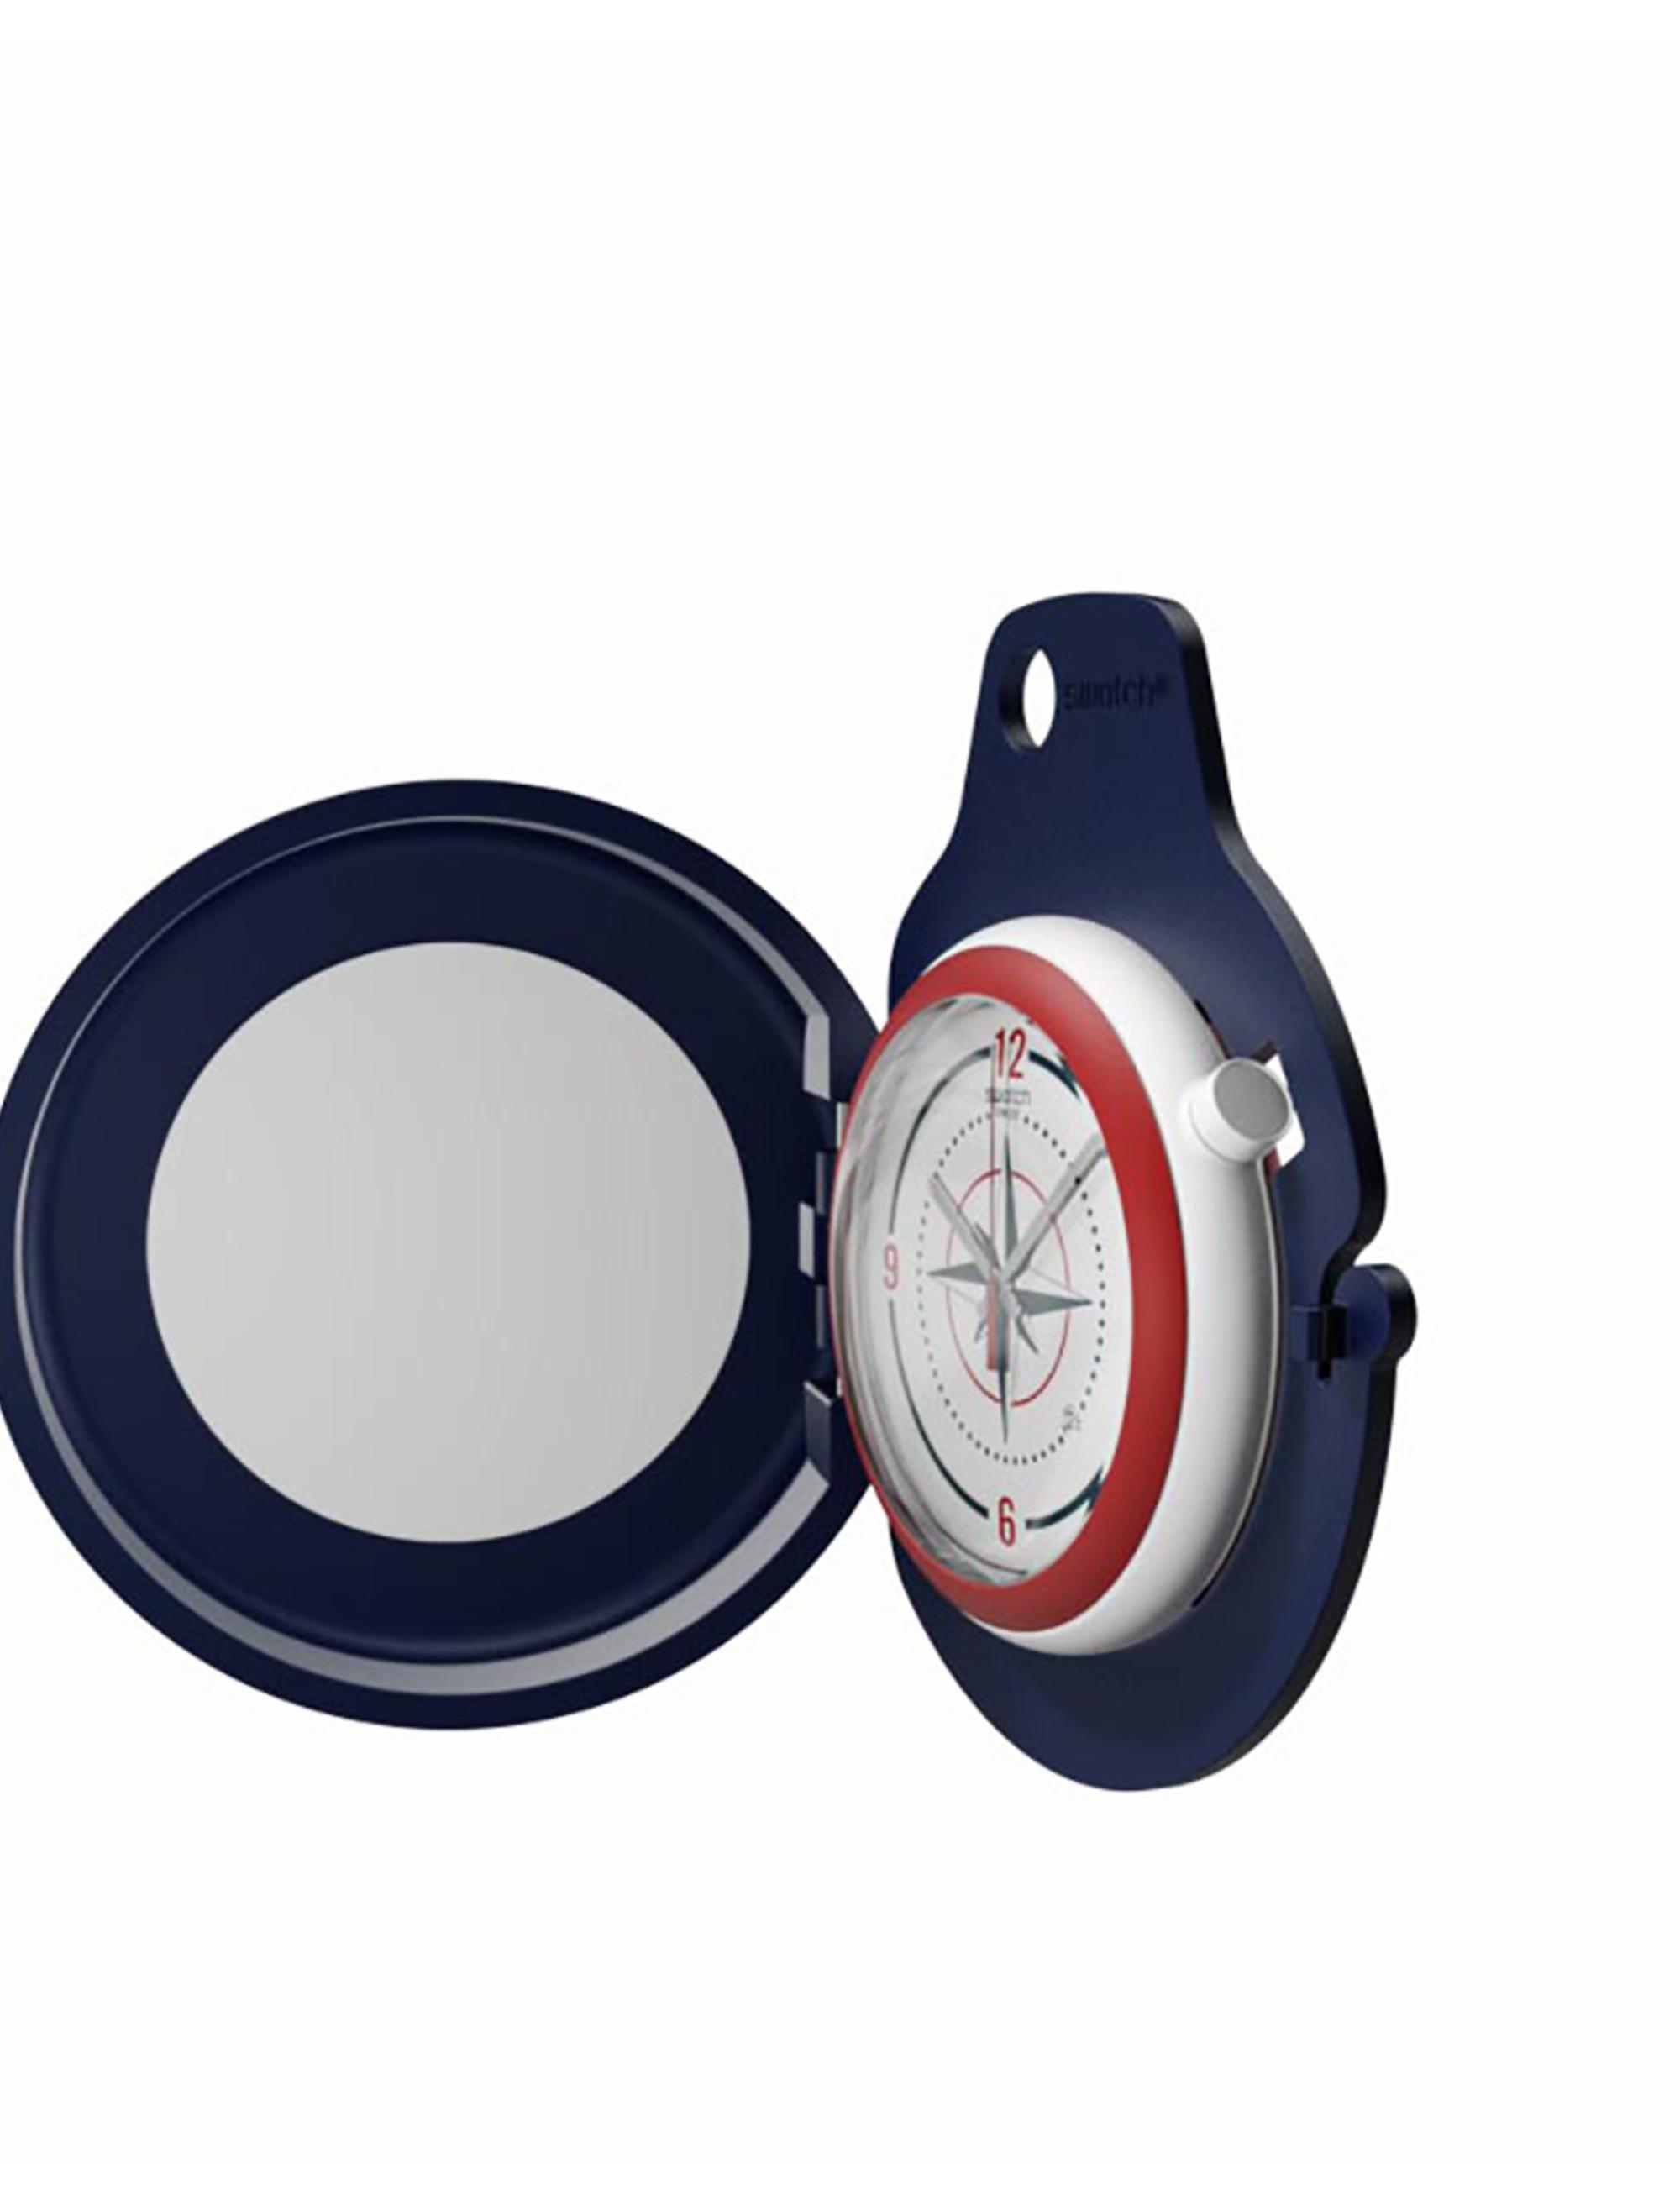 ساعت جیبی عقربه ای سواچ مدل PNW400